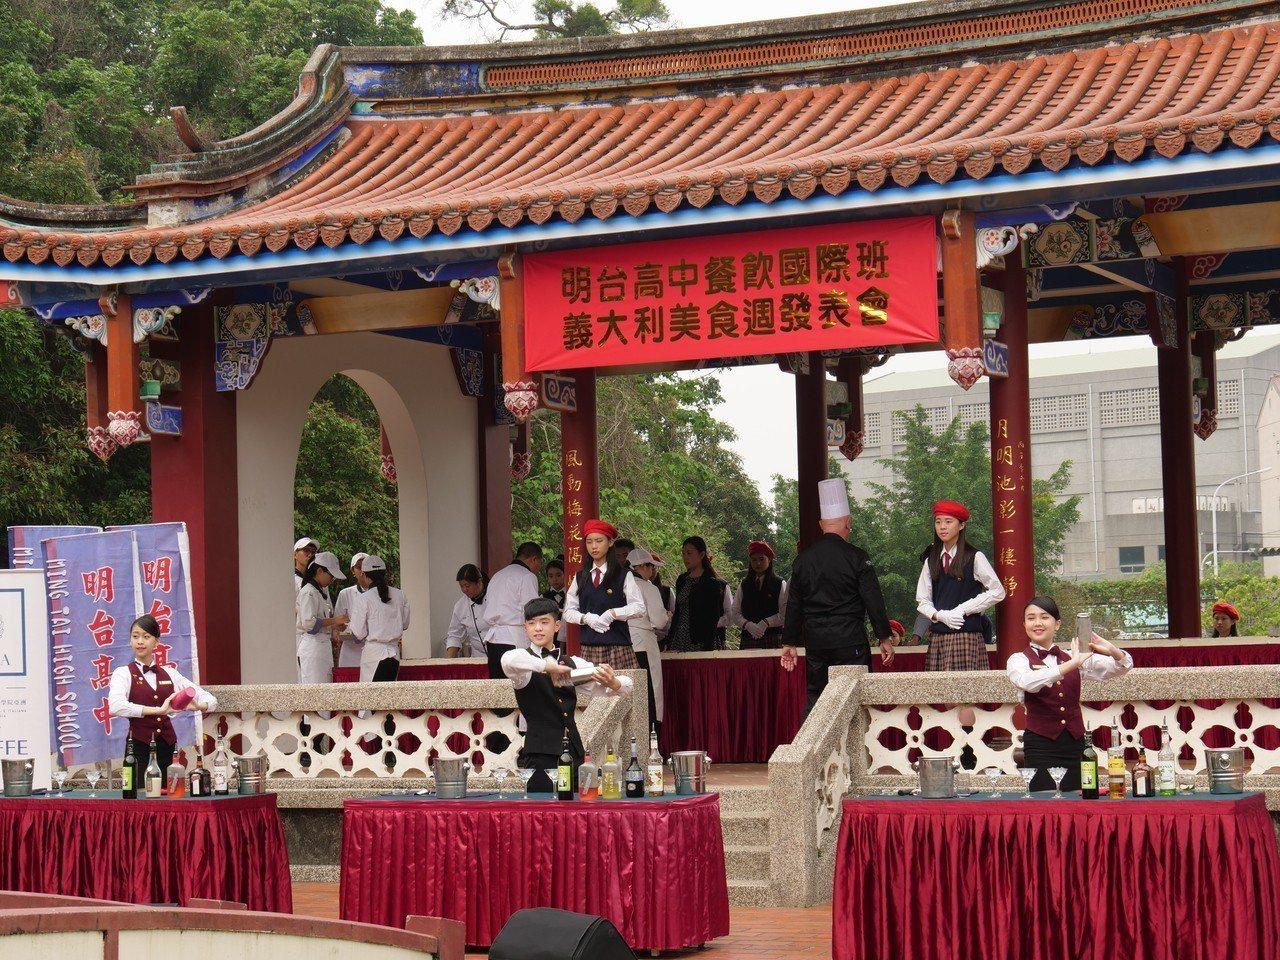 台中市明台高中學生在林家花園古蹟飛觴醉月亭前表演花式調酒。記者黃寅/攝影